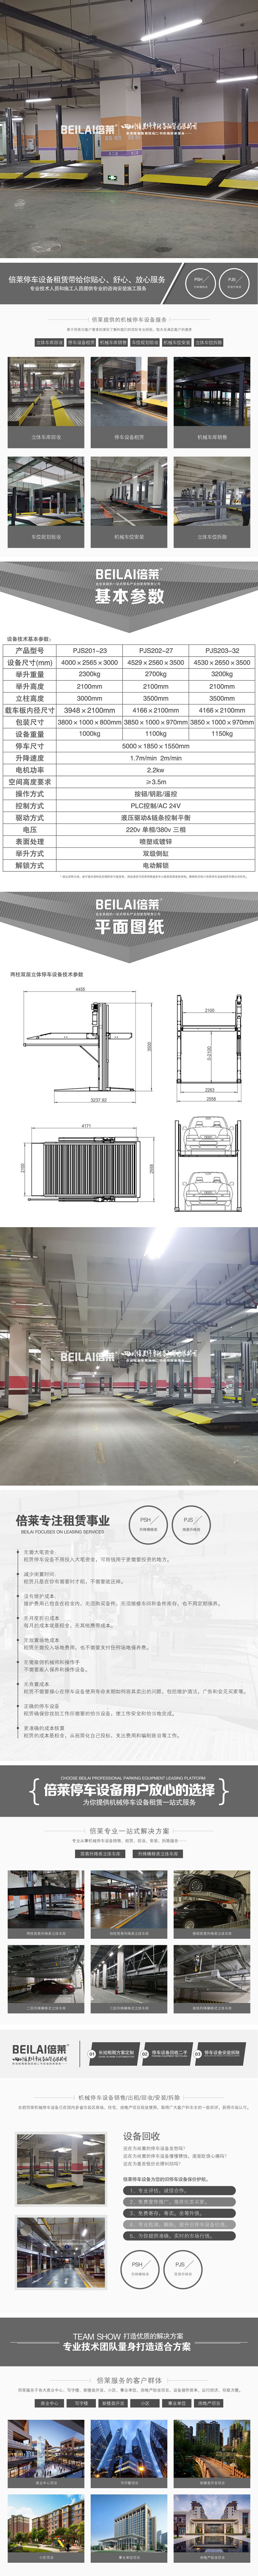 四川省大英廢舊機械式車庫回收,升降橫移停車位建設,倍萊停車庫收購